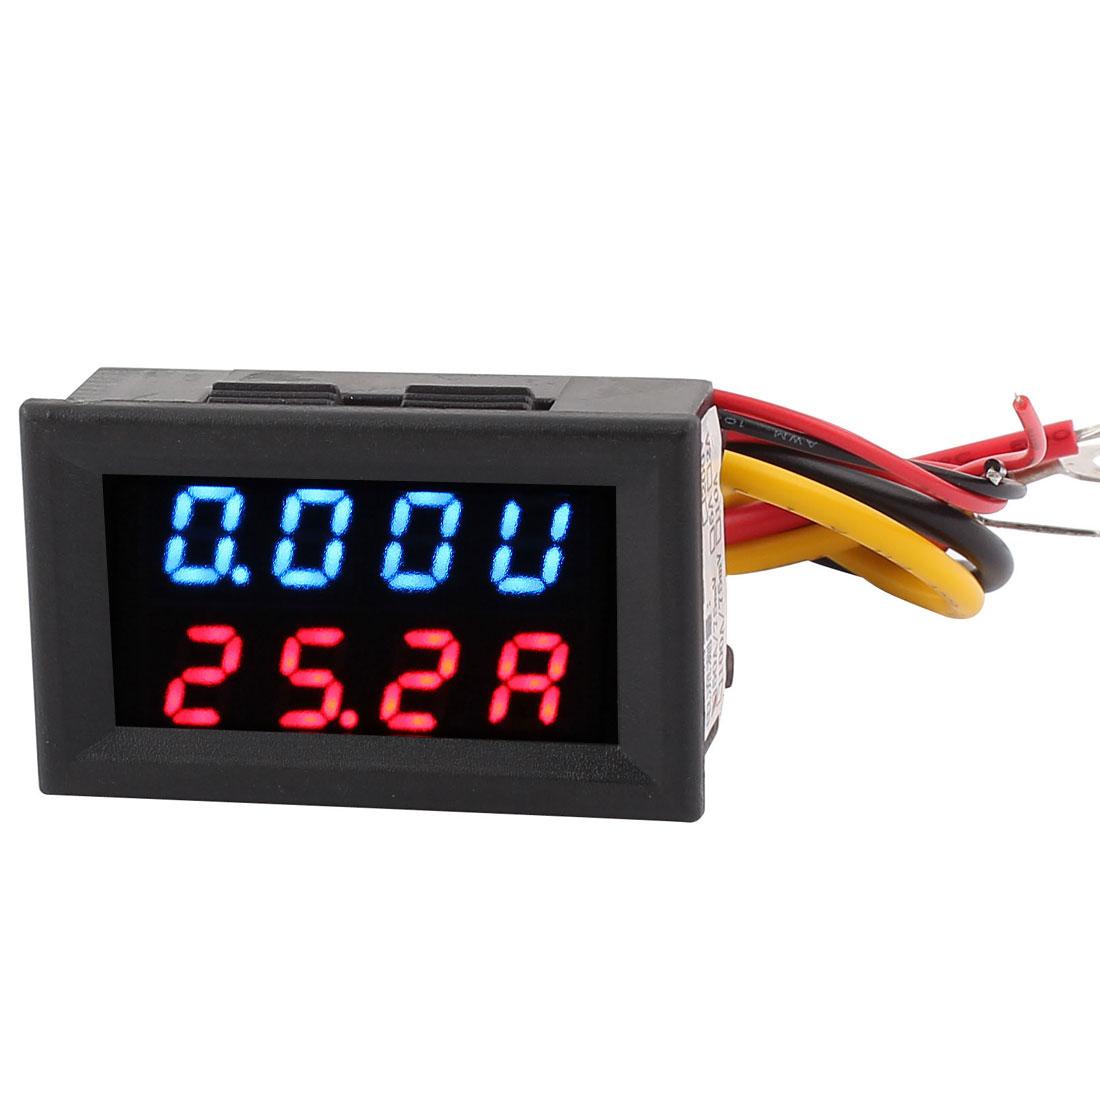 DC 0-30V 0-50A Blue Red LED Dual Digital Display Panel Voltmeter Ammeter Meter